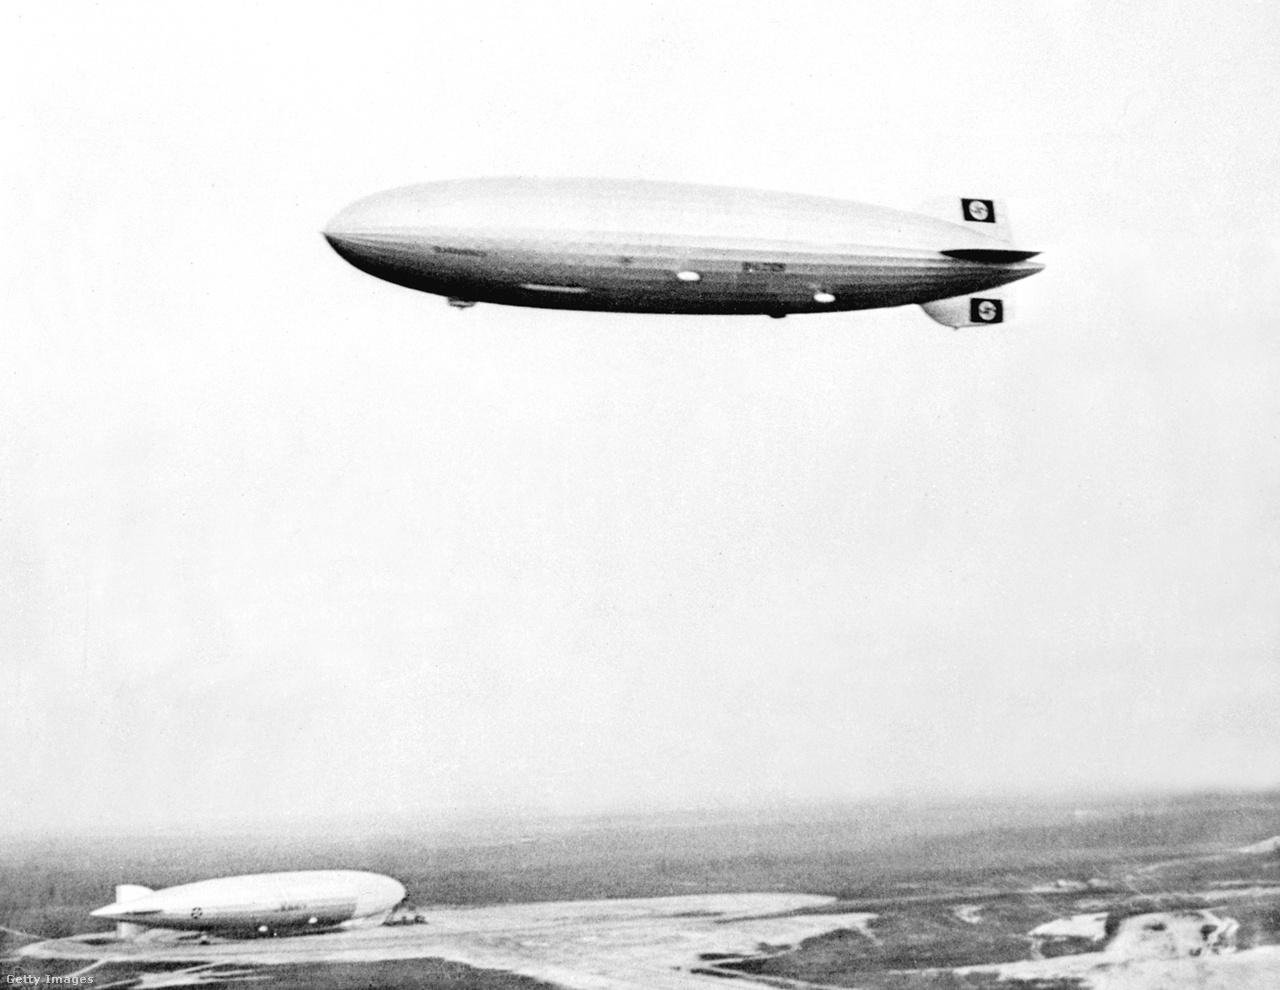 1939. május 9. Lakehurst légterében. A háttérben az amerikai haditengerészet egyik léghajója.